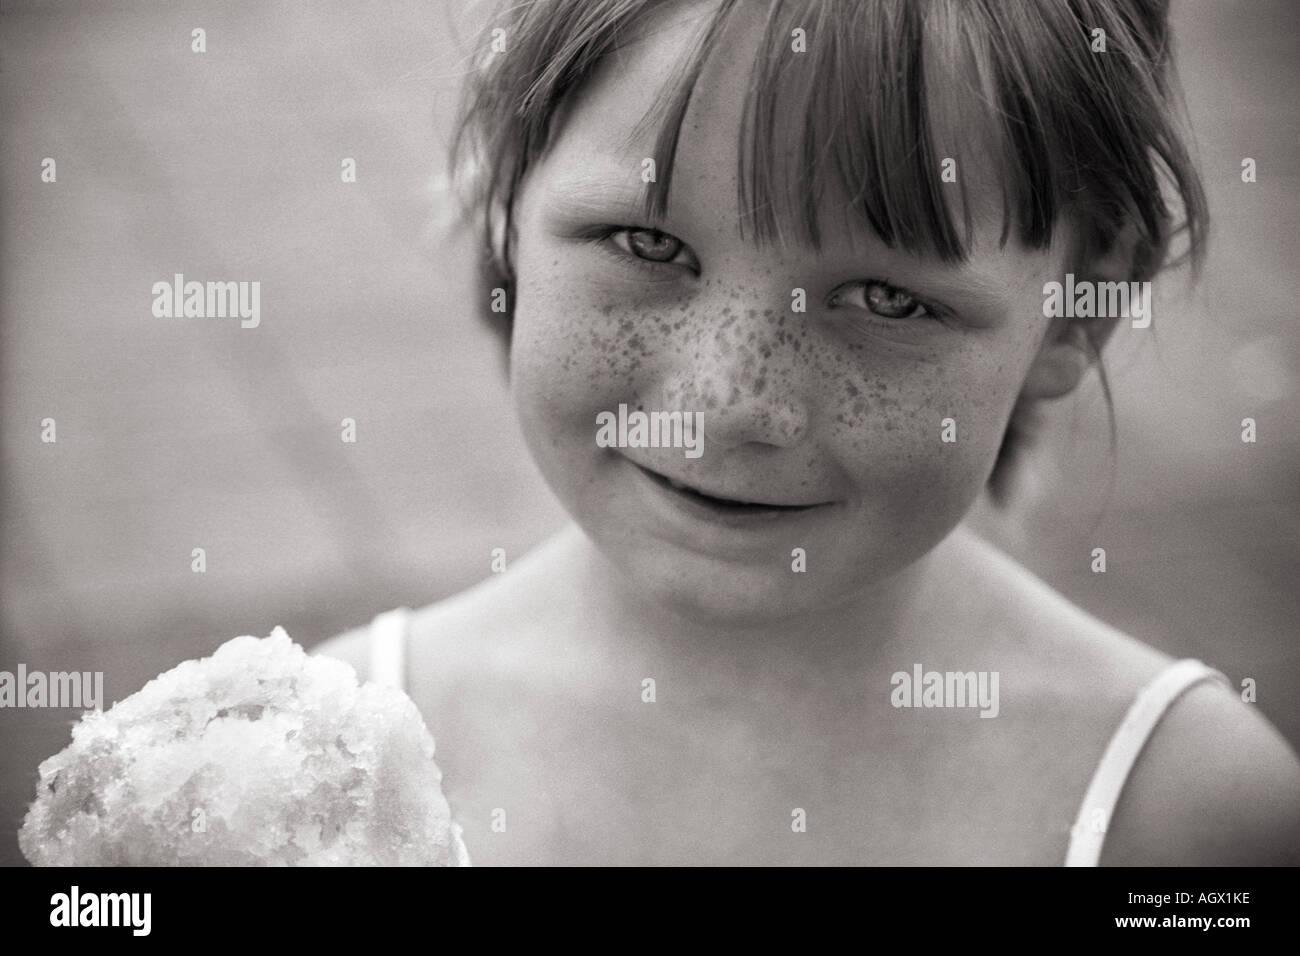 Cierre de un motea frente chica con cono de nieve. Imagen De Stock